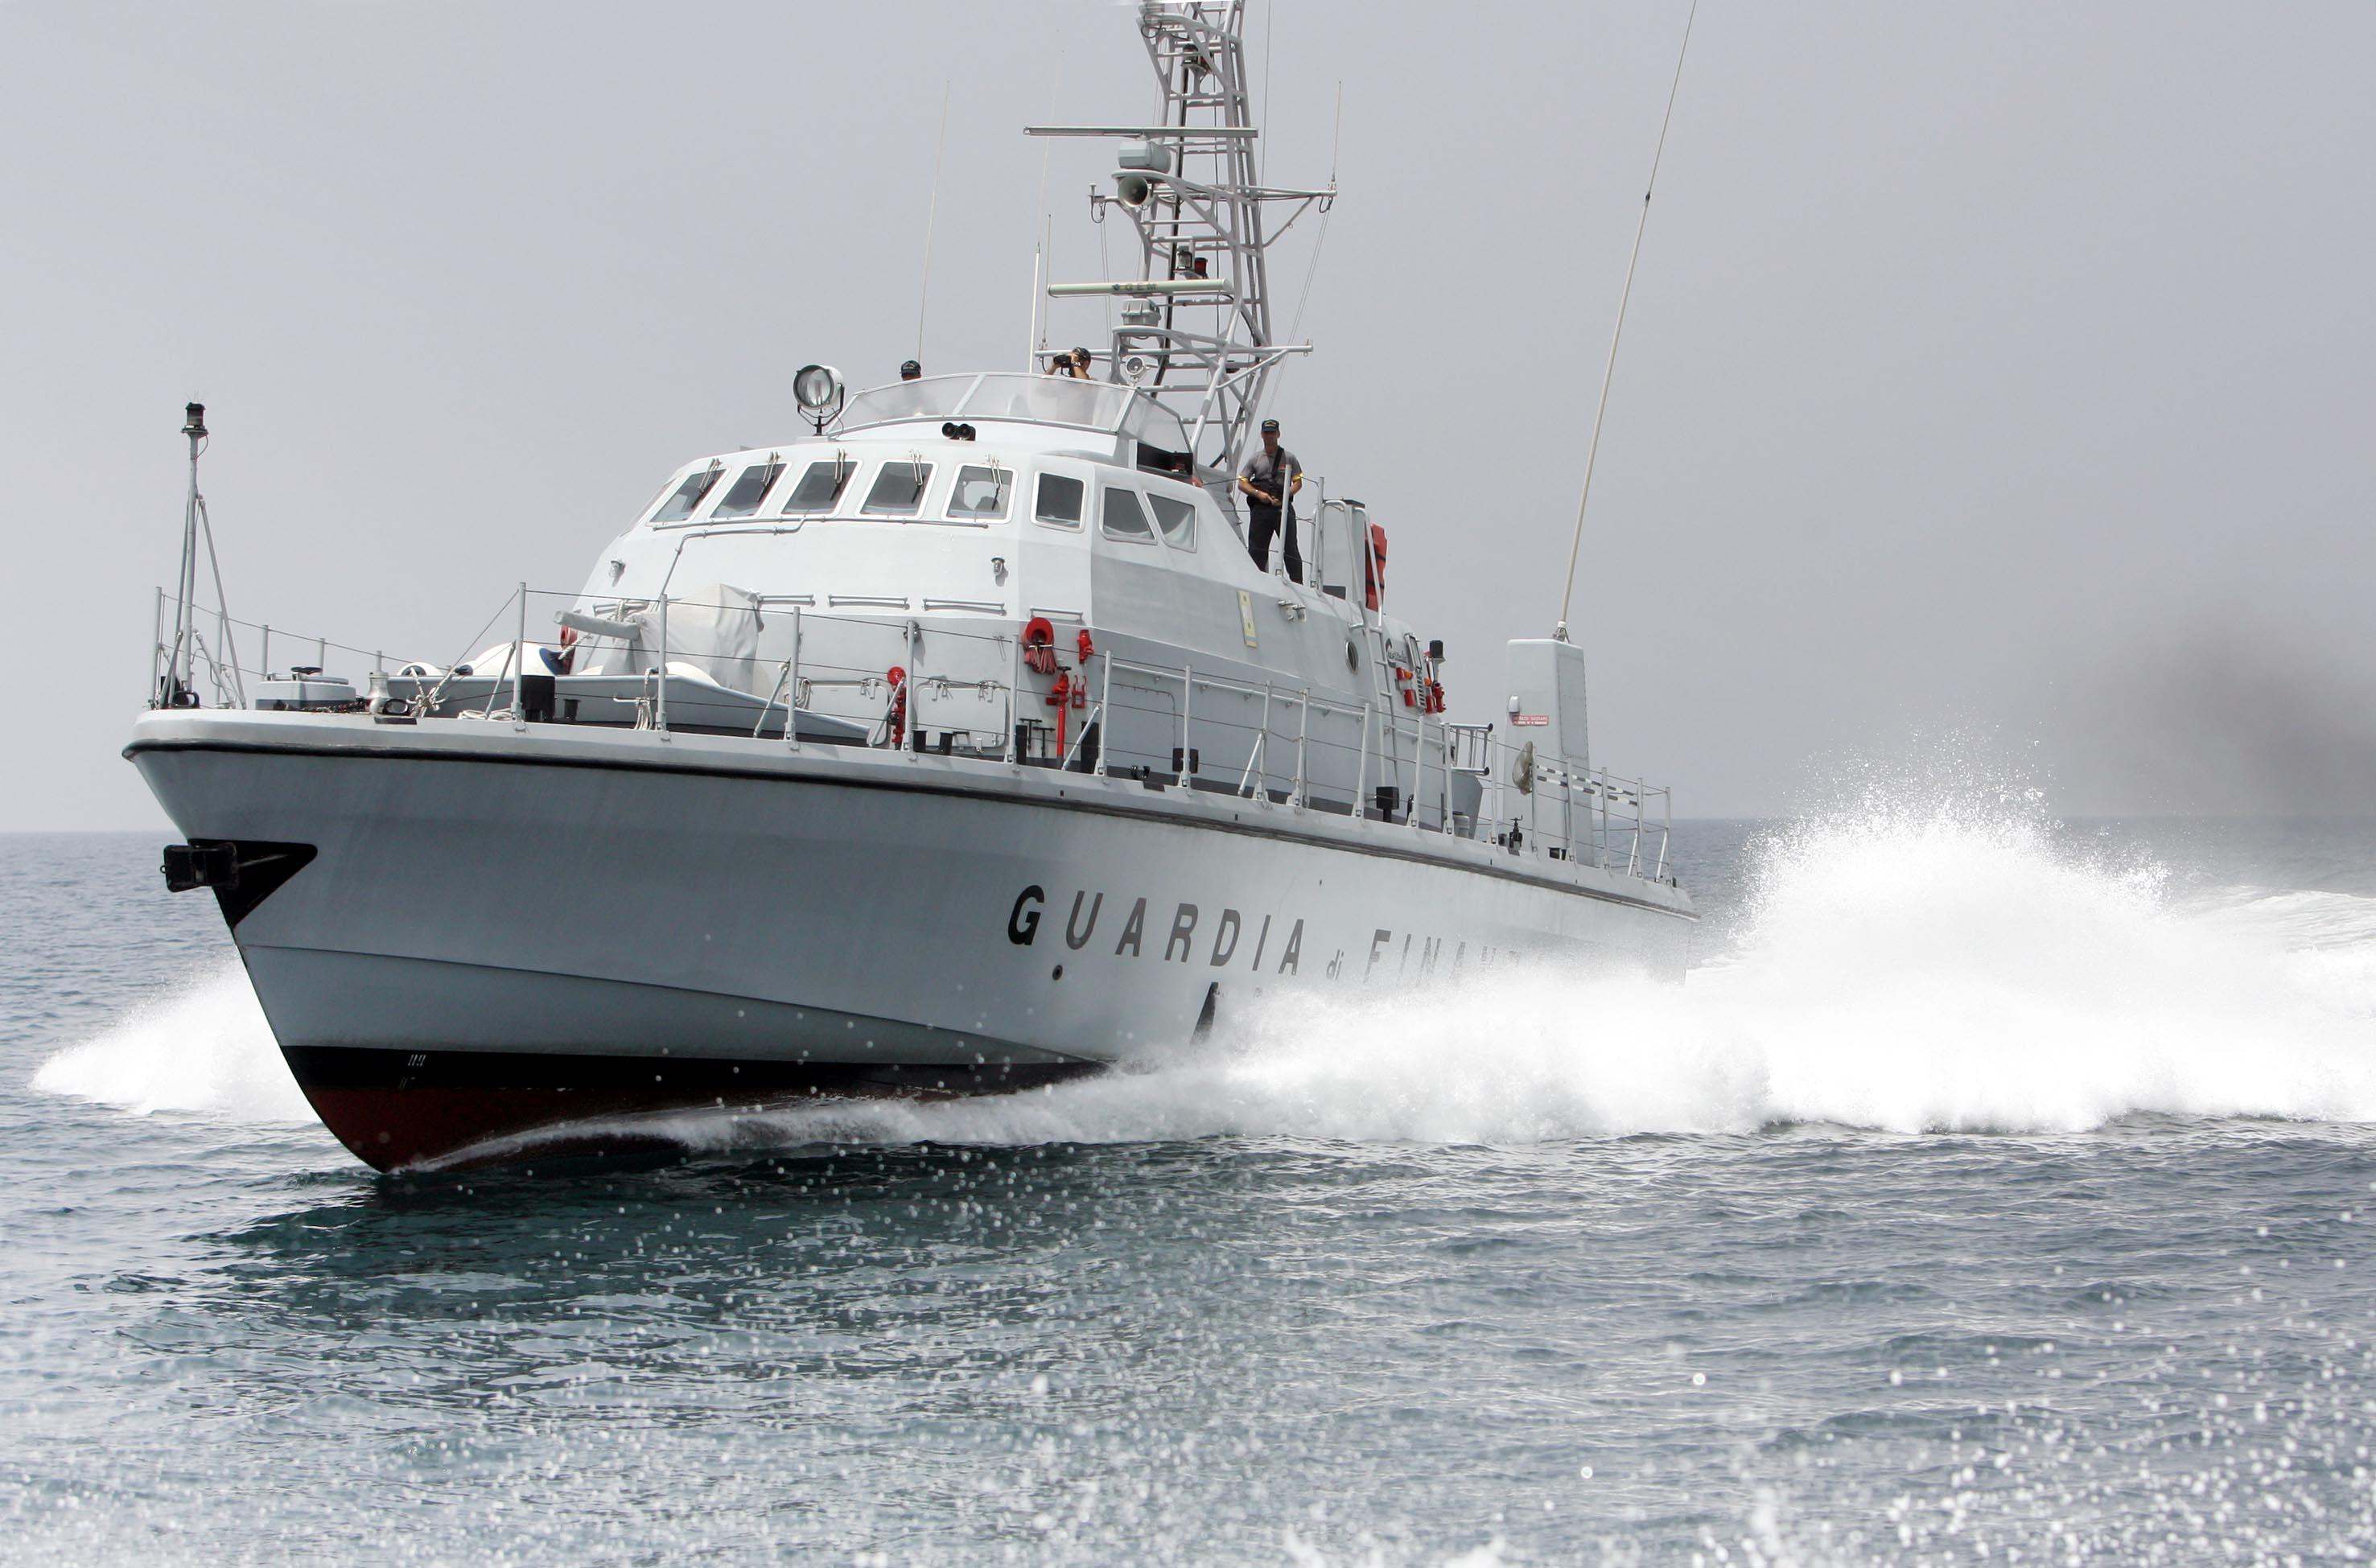 Catamarano alla deriva: equipaggio salvato dalla Guardia di Finanza